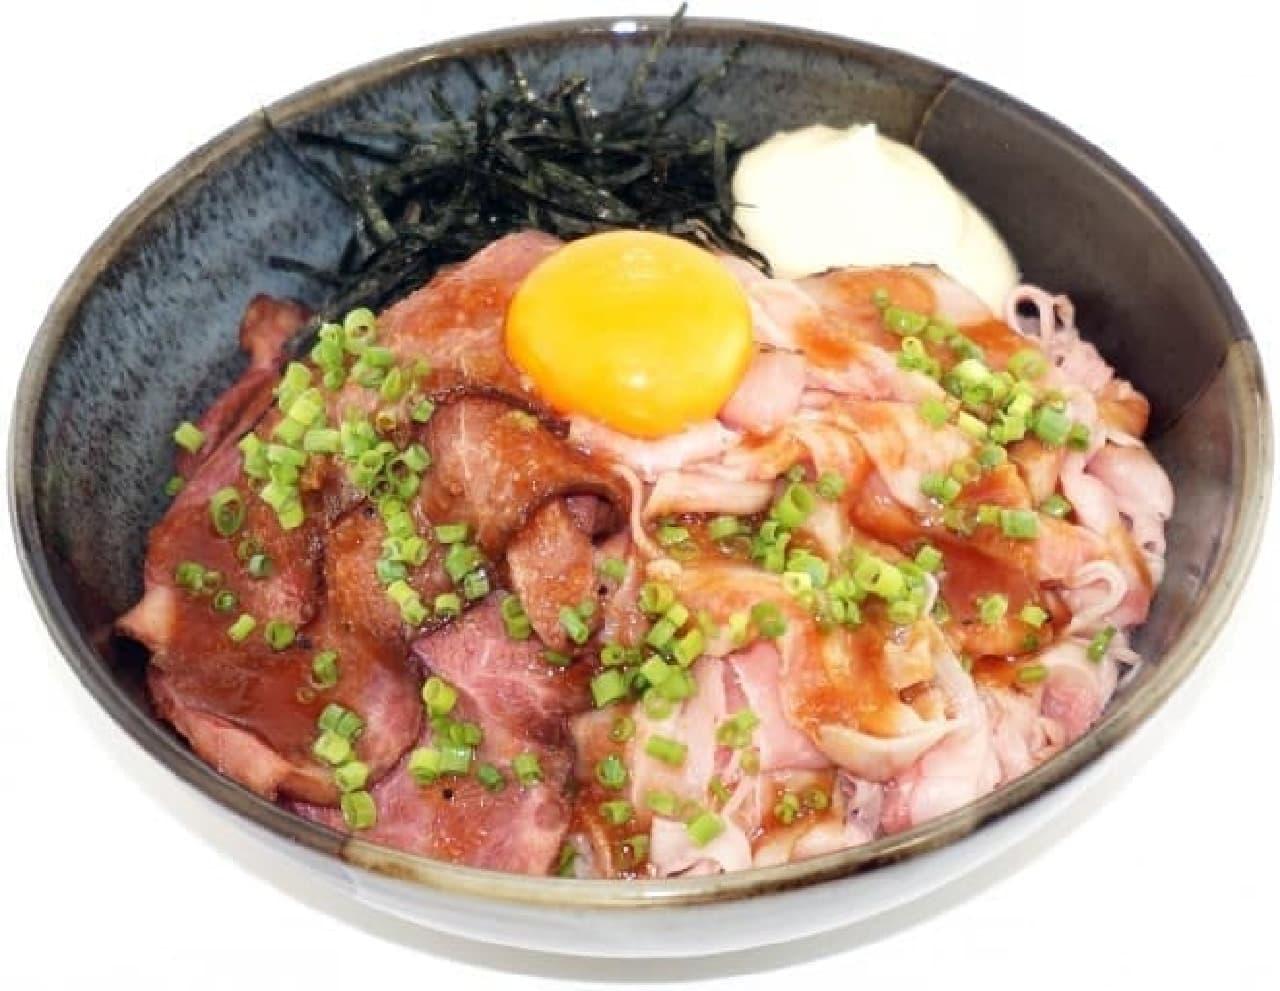 伝説のすた丼屋「闇辛ウシジマ丼シリーズ ~劇辛Wローストビーフ丼~」